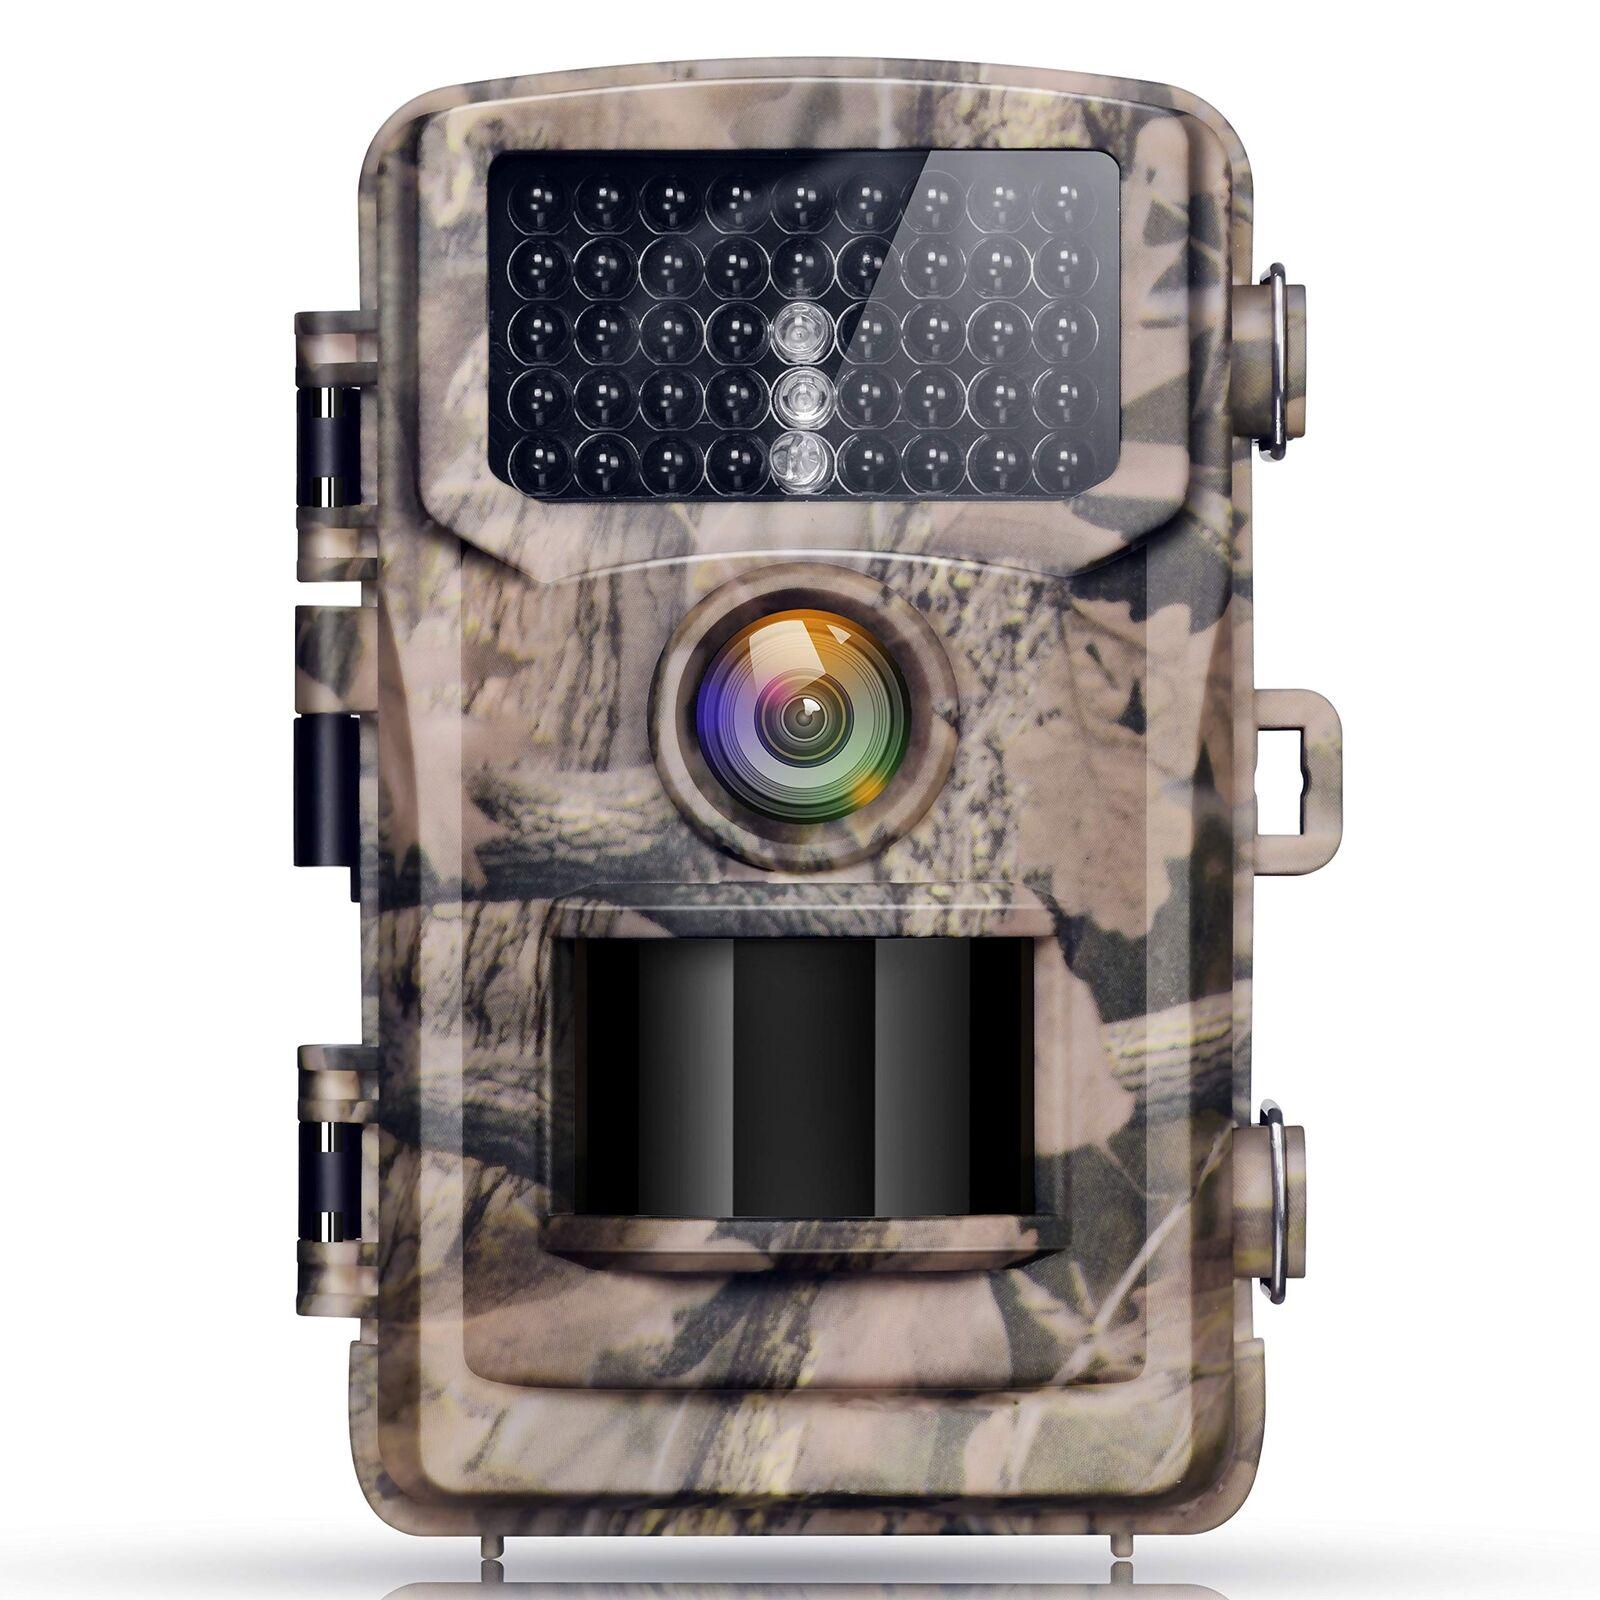 Campark Trail Game Camera 12MP 1080P Waterproof Wildlife Hunting Deer Scouting